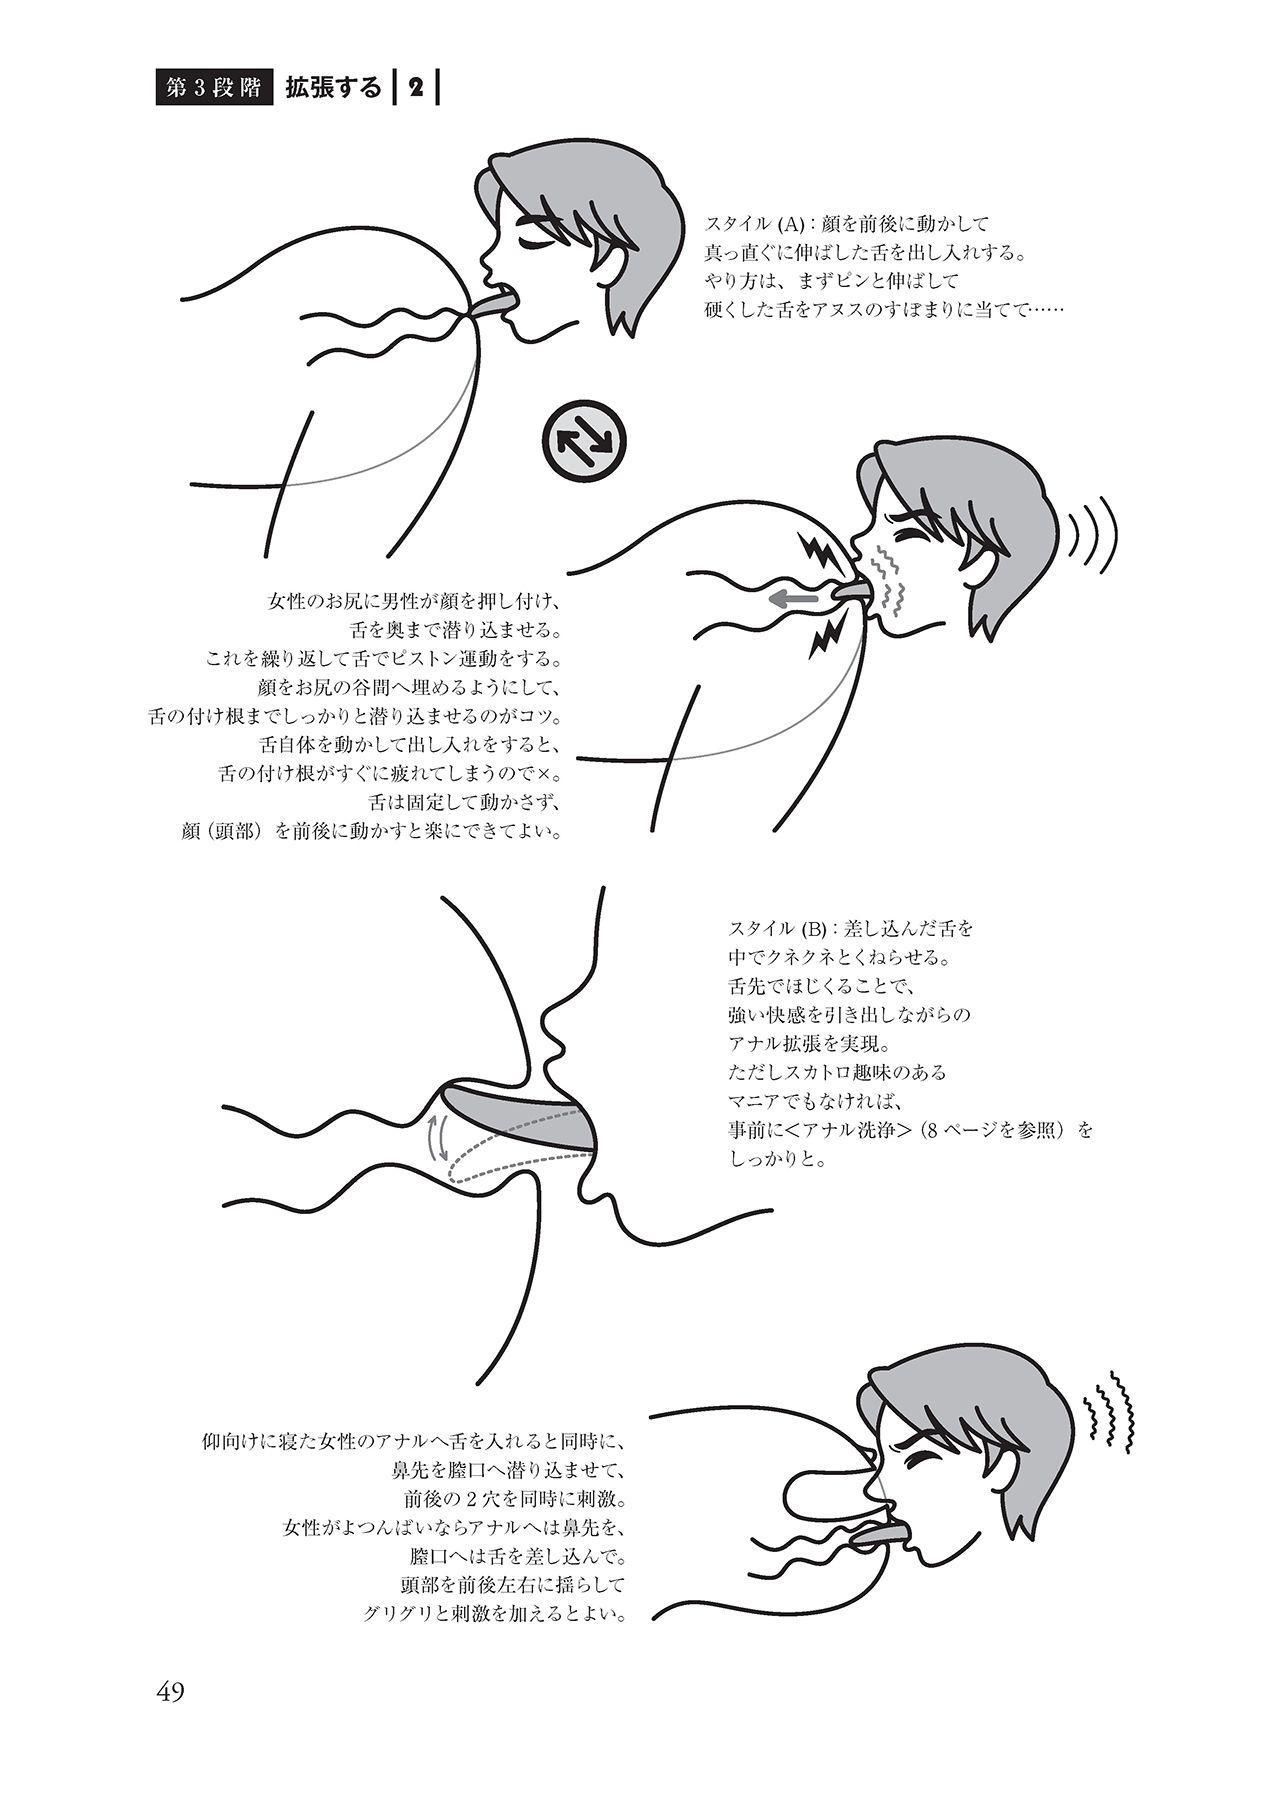 アナル性感開発・お尻エッチ 完全マニュアル 50